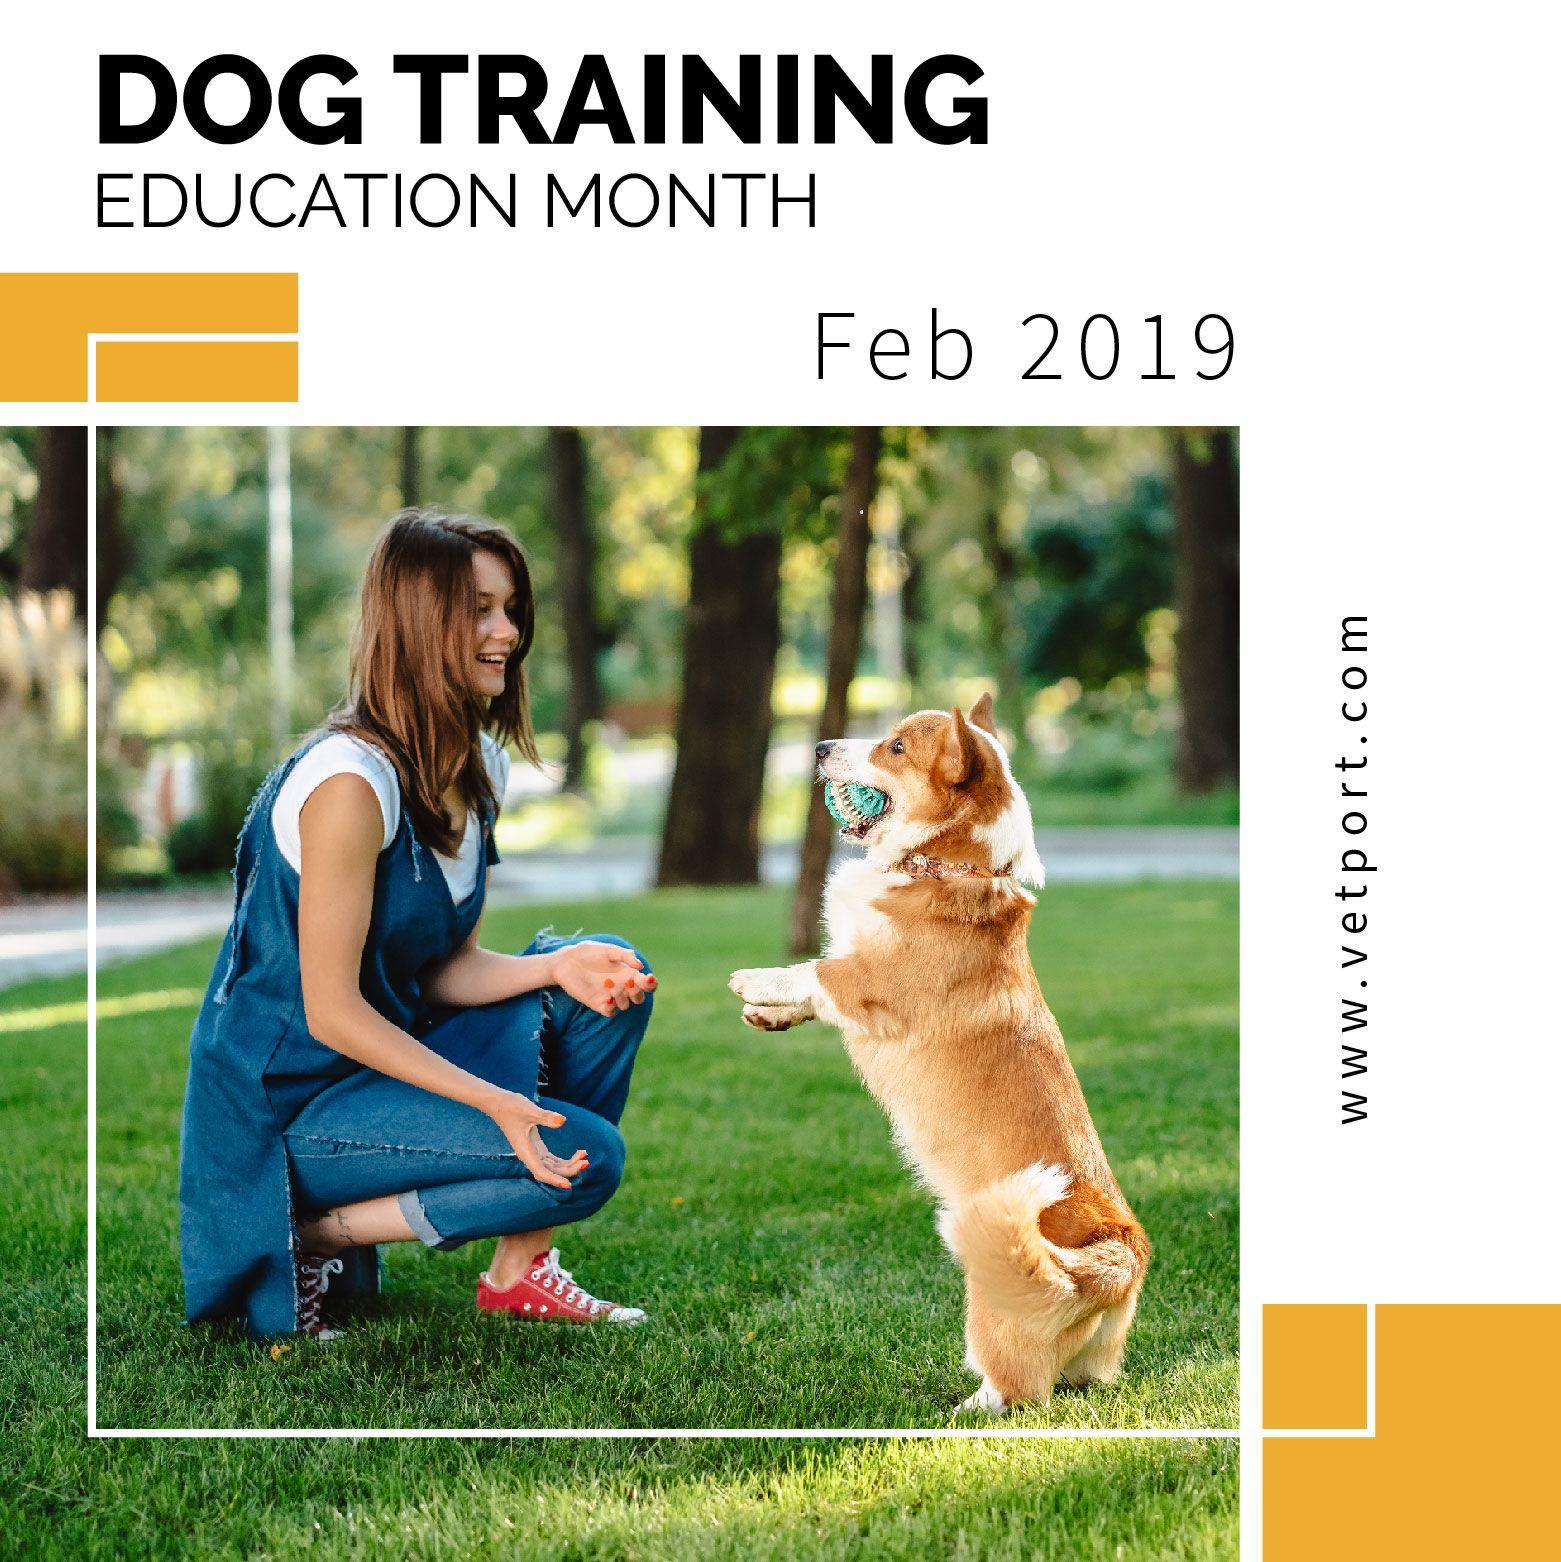 Dog Training Education Month February 2019 Tuesdaymotivation